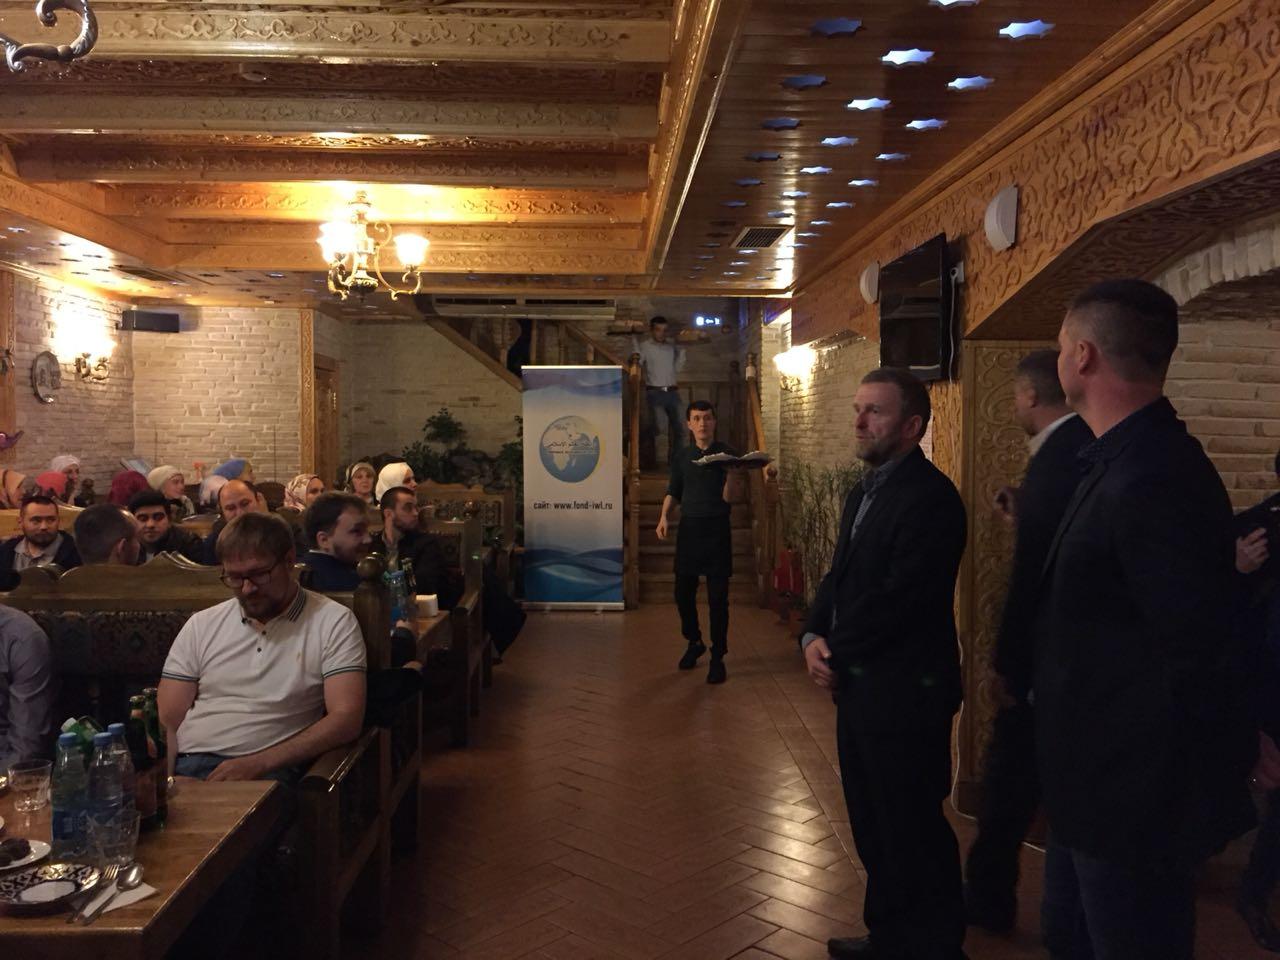 Мусульманские деятели обменялись полезным опытом на ифтаре в Москве (ВИДЕО)